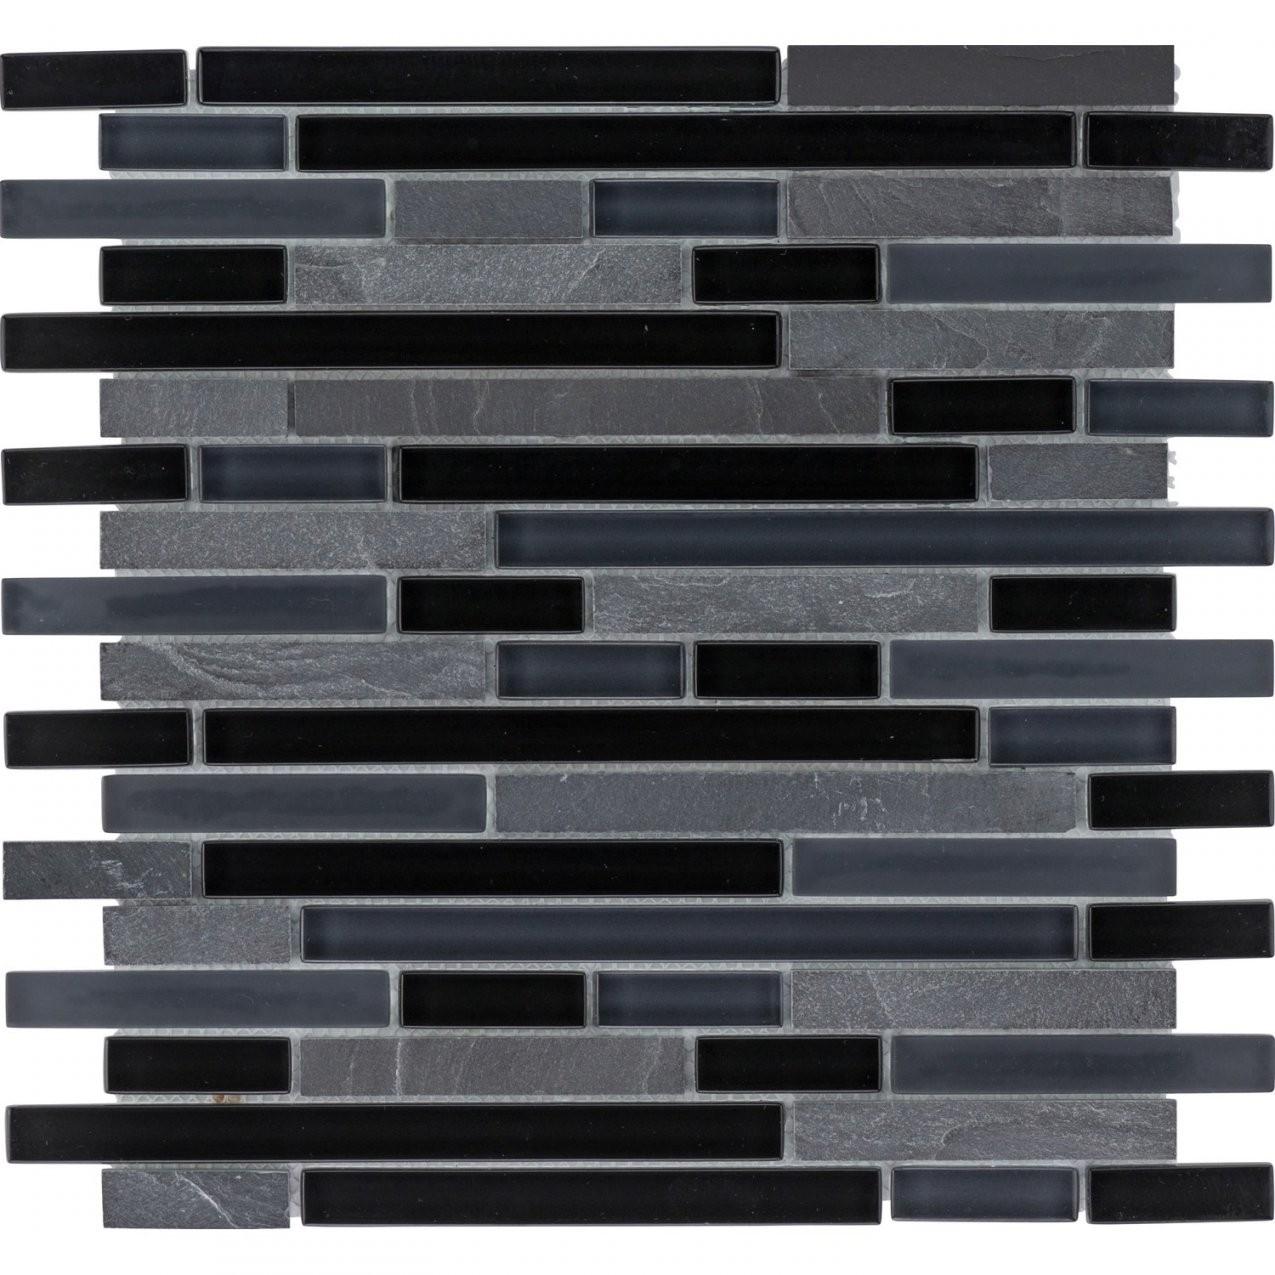 Mosaikmatte Glas & Schiefer Black Line 30 Cm X 30 Cm Kaufen Bei Obi von Mosaik Fliesen Obi Bild